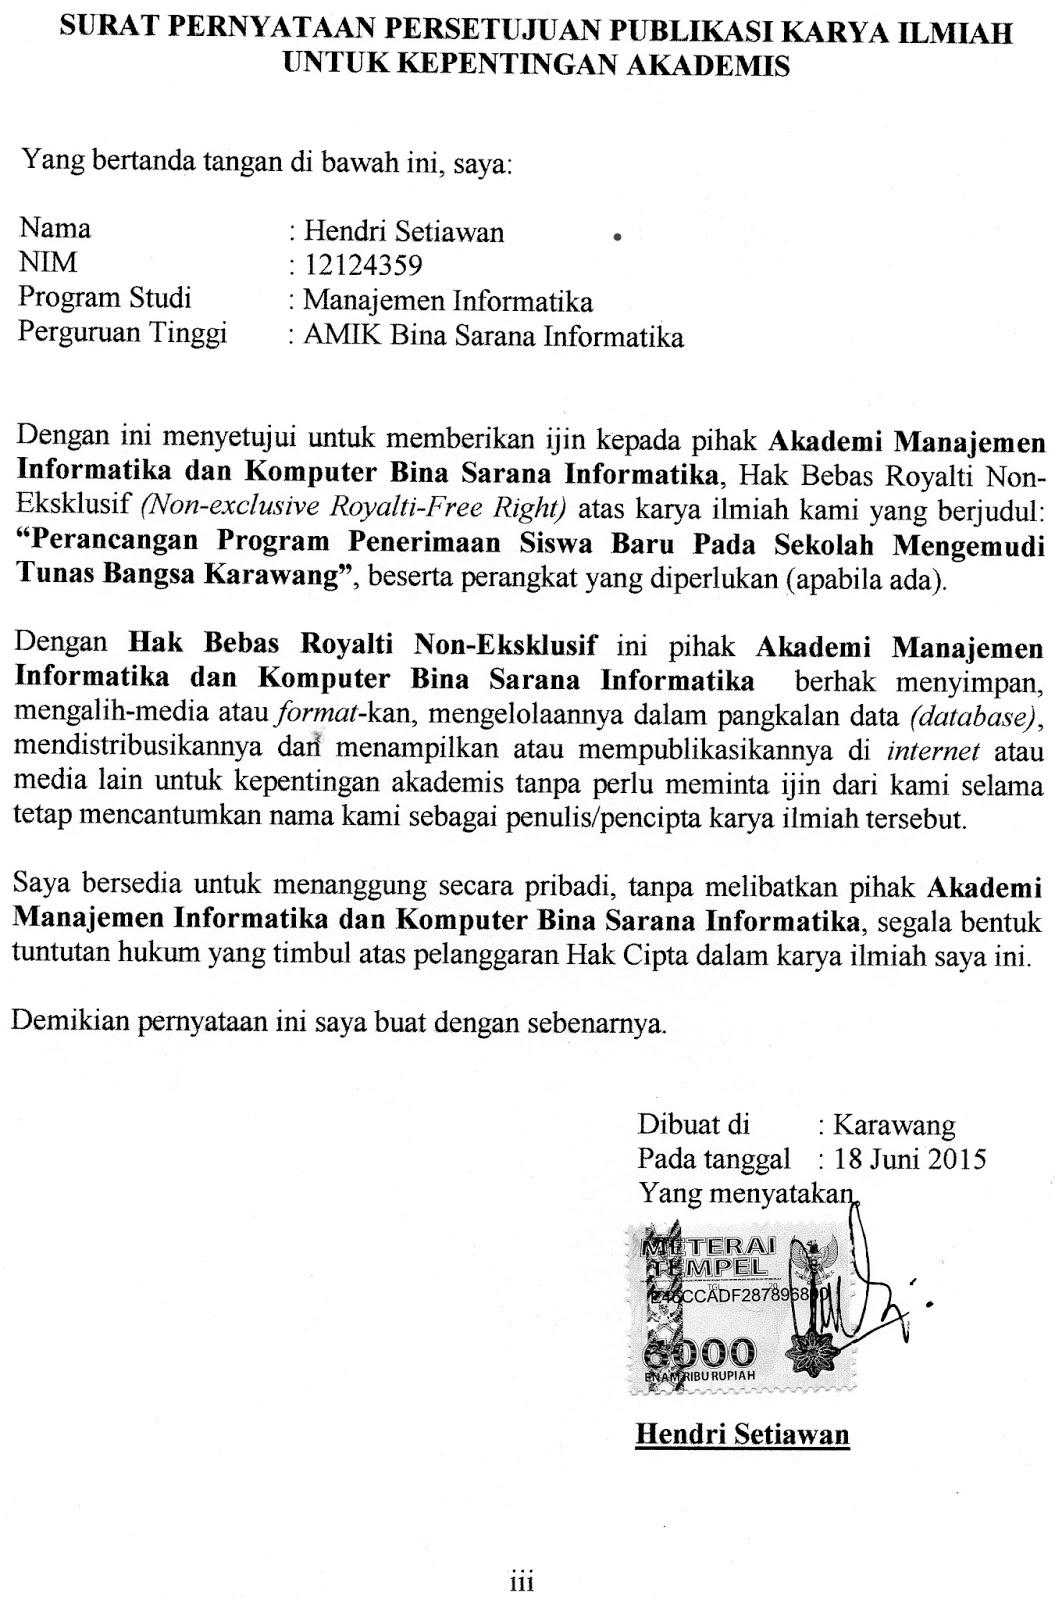 contoh surat pernyataan persetujuan publikasi karya ilmiah untuk kepentingan akademis hendri